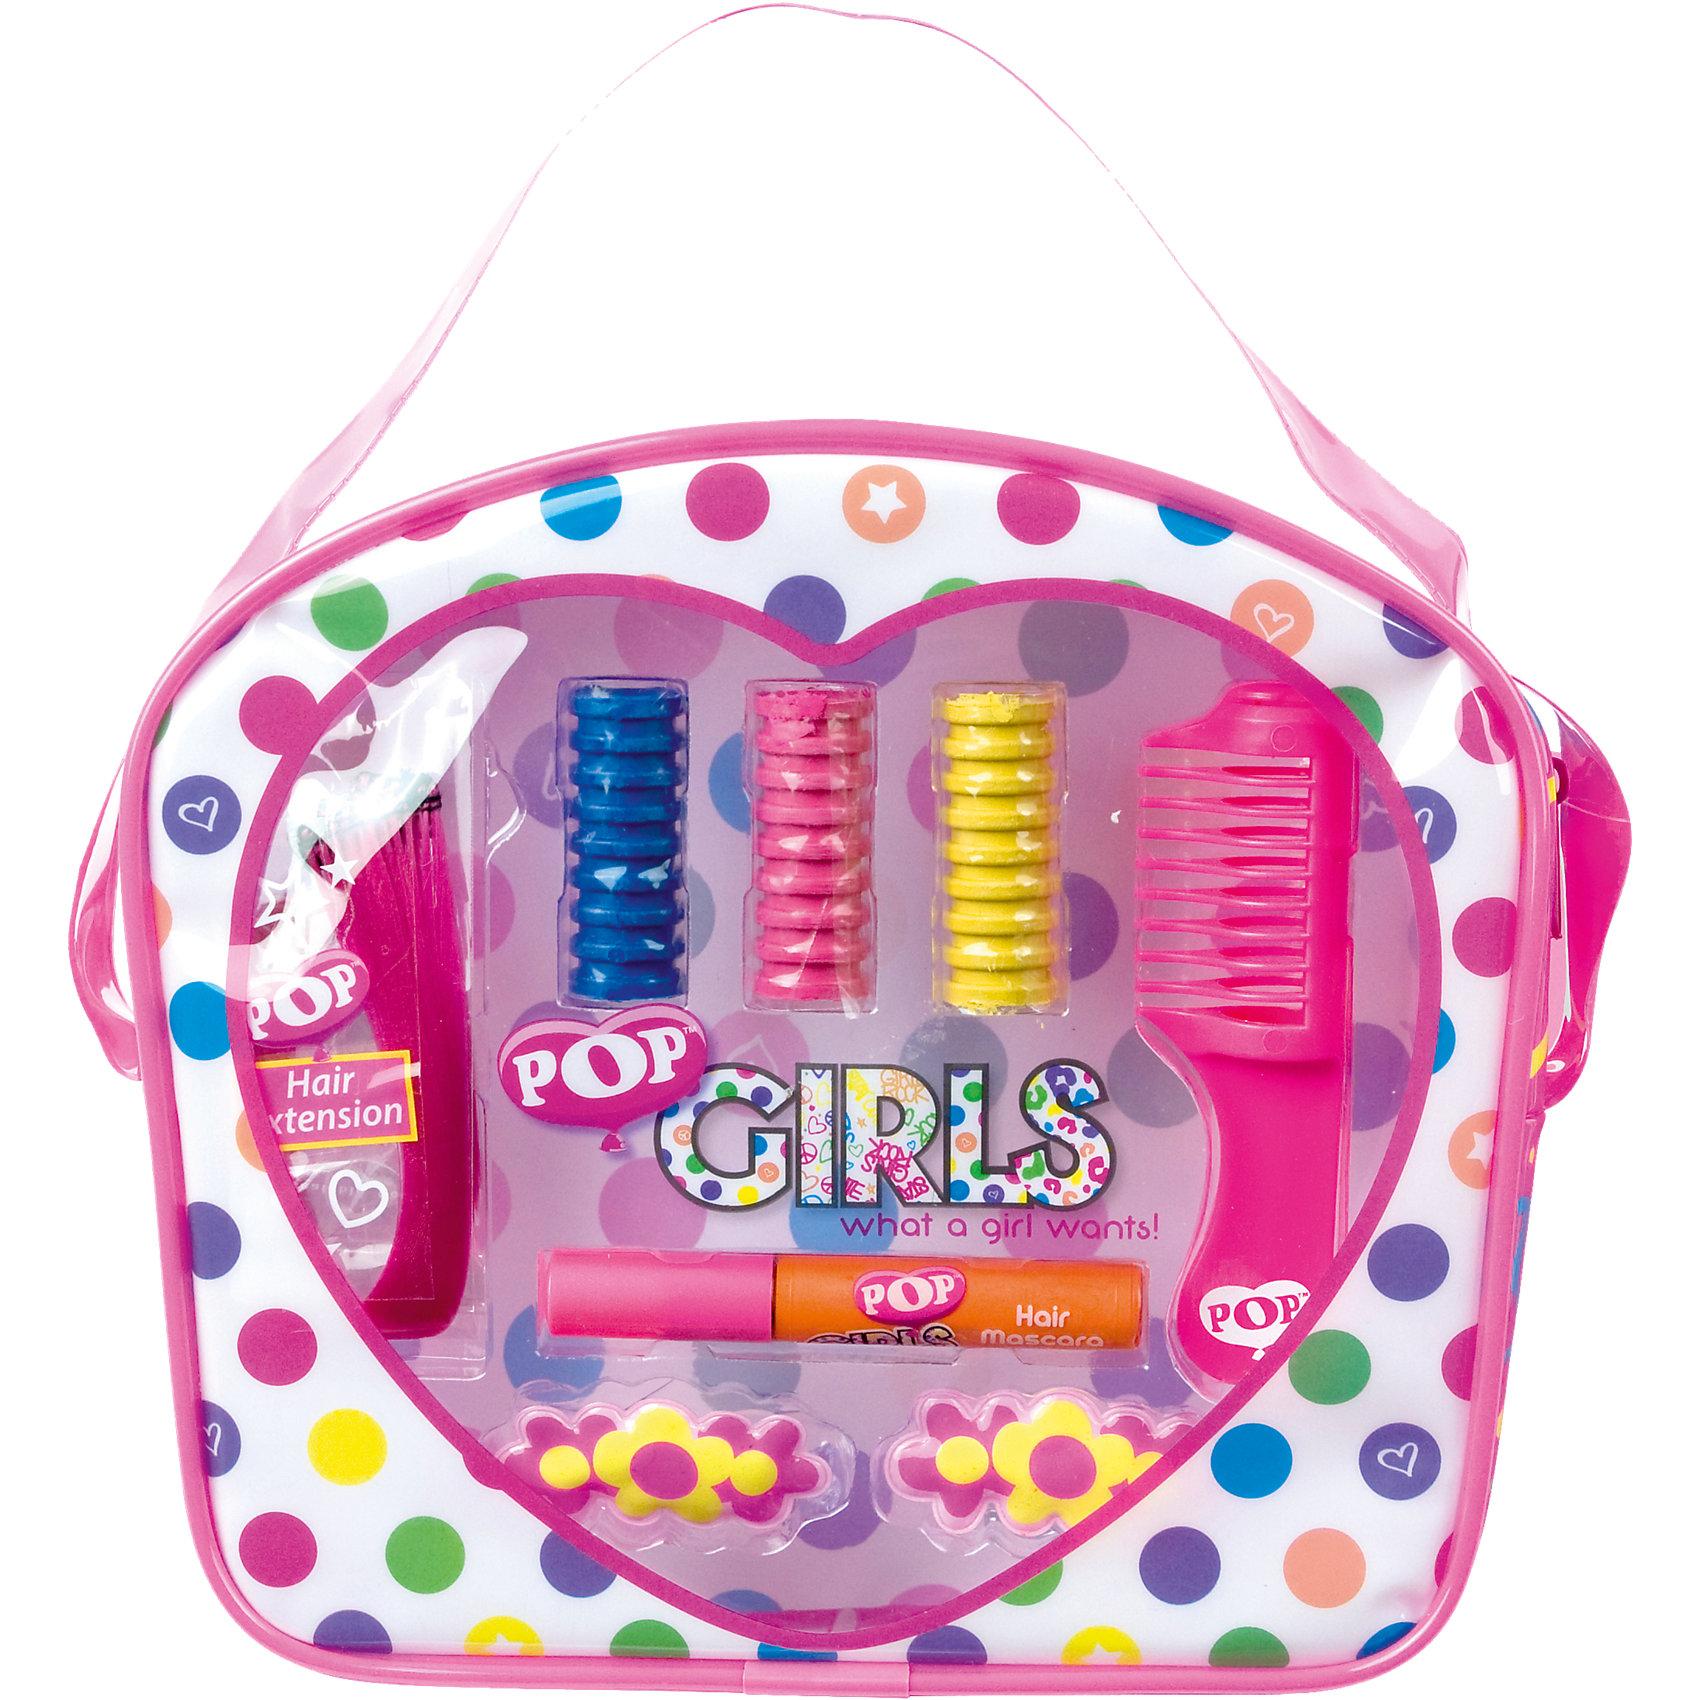 Игровой набор детской декоративной косметики POP для волосХарактеристики:<br><br>• Наименование: детская декоративная косметика<br>• Предназначение: для сюжетно-ролевых игр<br>• Пол: для девочки<br>• Материал: натуральные косметические компоненты, пластик<br>• Цвет: синий, розовый, желтый и др.<br>• Комплектация: 3 мелка для окрашивания волос, краска для волос, цветная прядь искусственных волос, расческа, 2 заколки<br>• Размеры (Д*Ш*В): 23*21*7 см<br>• Вес: 140 г <br>• Упаковка: сумочка с ручкой<br><br>Игровой набор детской декоративной косметики POP для волос – это набор игровой детской косметики от Markwins, которая вот уже несколько десятилетий специализируется на выпуске детской косметики. Рецептура декоративной детской косметики разработана совместно с косметологами и медиками, в основе рецептуры – водная основа, а потому она гипоаллергенны, не вызывает раздражений на детской коже и легко смывается, не оставляя следа. Безопасность продукции подтверждена международными сертификатами качества и безопасности. <br>Игровой набор детской декоративной косметики POP состоит из кометических средств для окрашивания волос и создания ярких оригинальных причесок. В комплекте предусмотрены аксессуары – расческа и заколки. Косметические средства, входящие в состав набора, имеют длительный срок хранения – 12 месяцев. Игровой набор детской декоративной косметики POP от Markwins может стать незаменимым праздничным подарком для любой маленькой модницы!<br><br>Игровой набор детской декоративной косметики POP для волос можно купить в нашем интернет-магазине.<br><br>Ширина мм: 200<br>Глубина мм: 56<br>Высота мм: 183<br>Вес г: 135<br>Возраст от месяцев: 48<br>Возраст до месяцев: 108<br>Пол: Женский<br>Возраст: Детский<br>SKU: 4540666